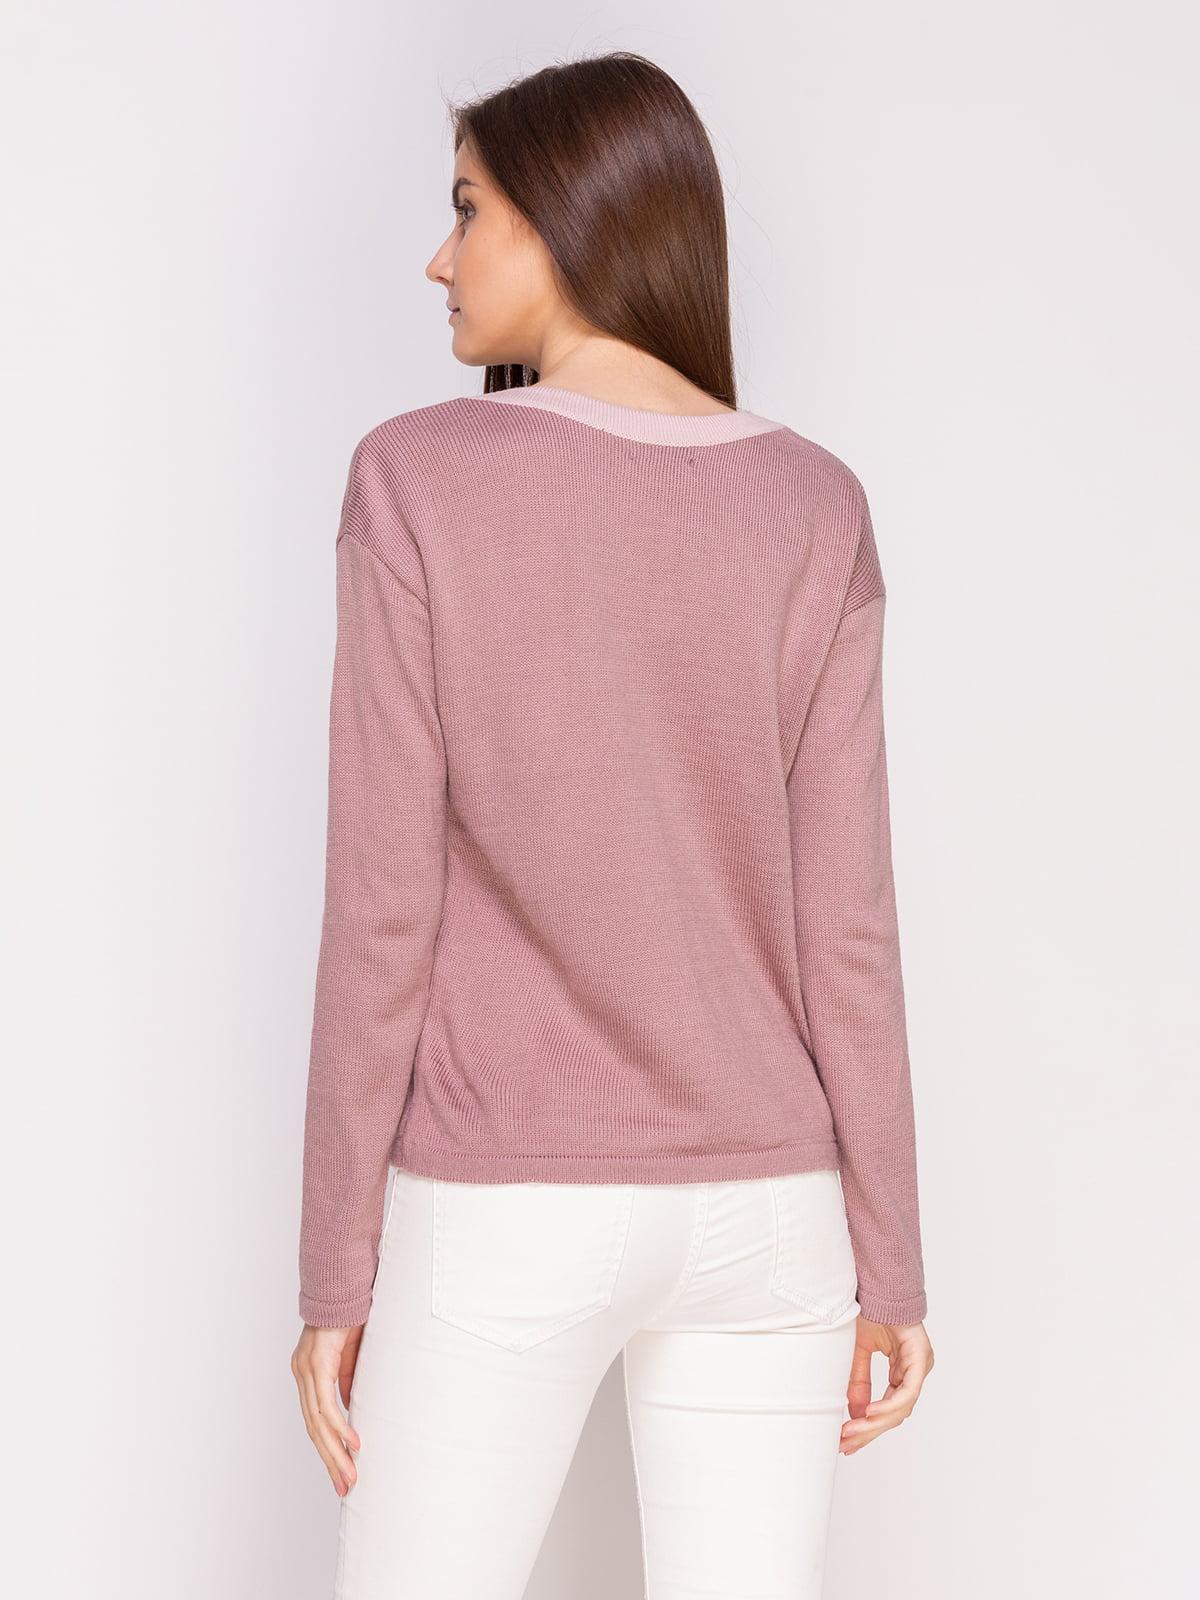 Джемпер рожевий   4600908   фото 2